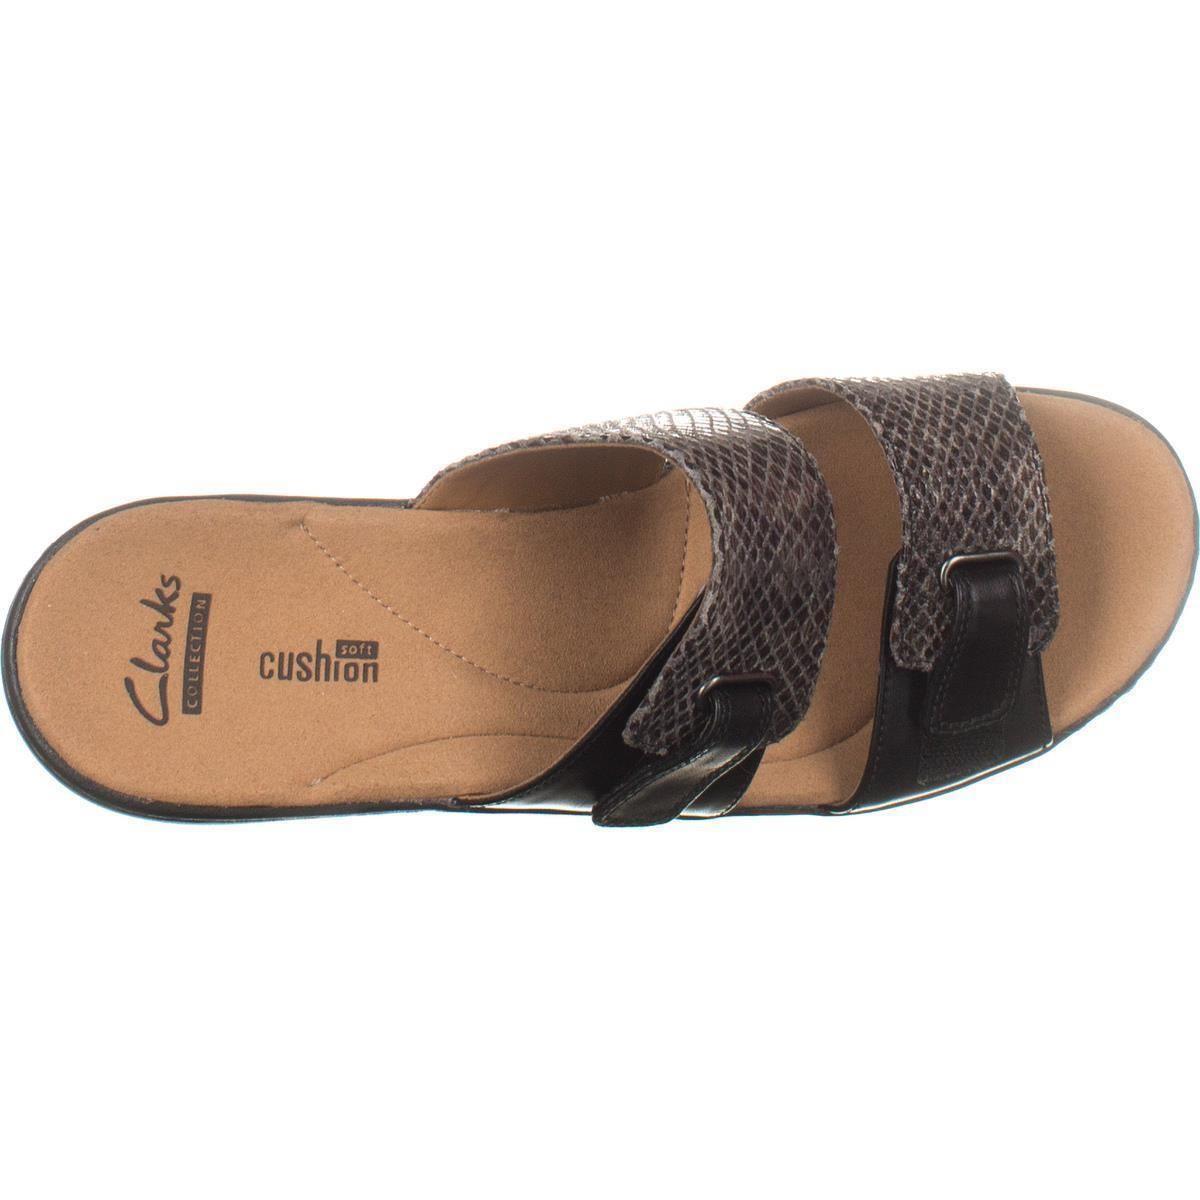 f5de3aec9fec Clarks - Black Delana Fenela Comfort Wedge Sandals - Lyst. View fullscreen